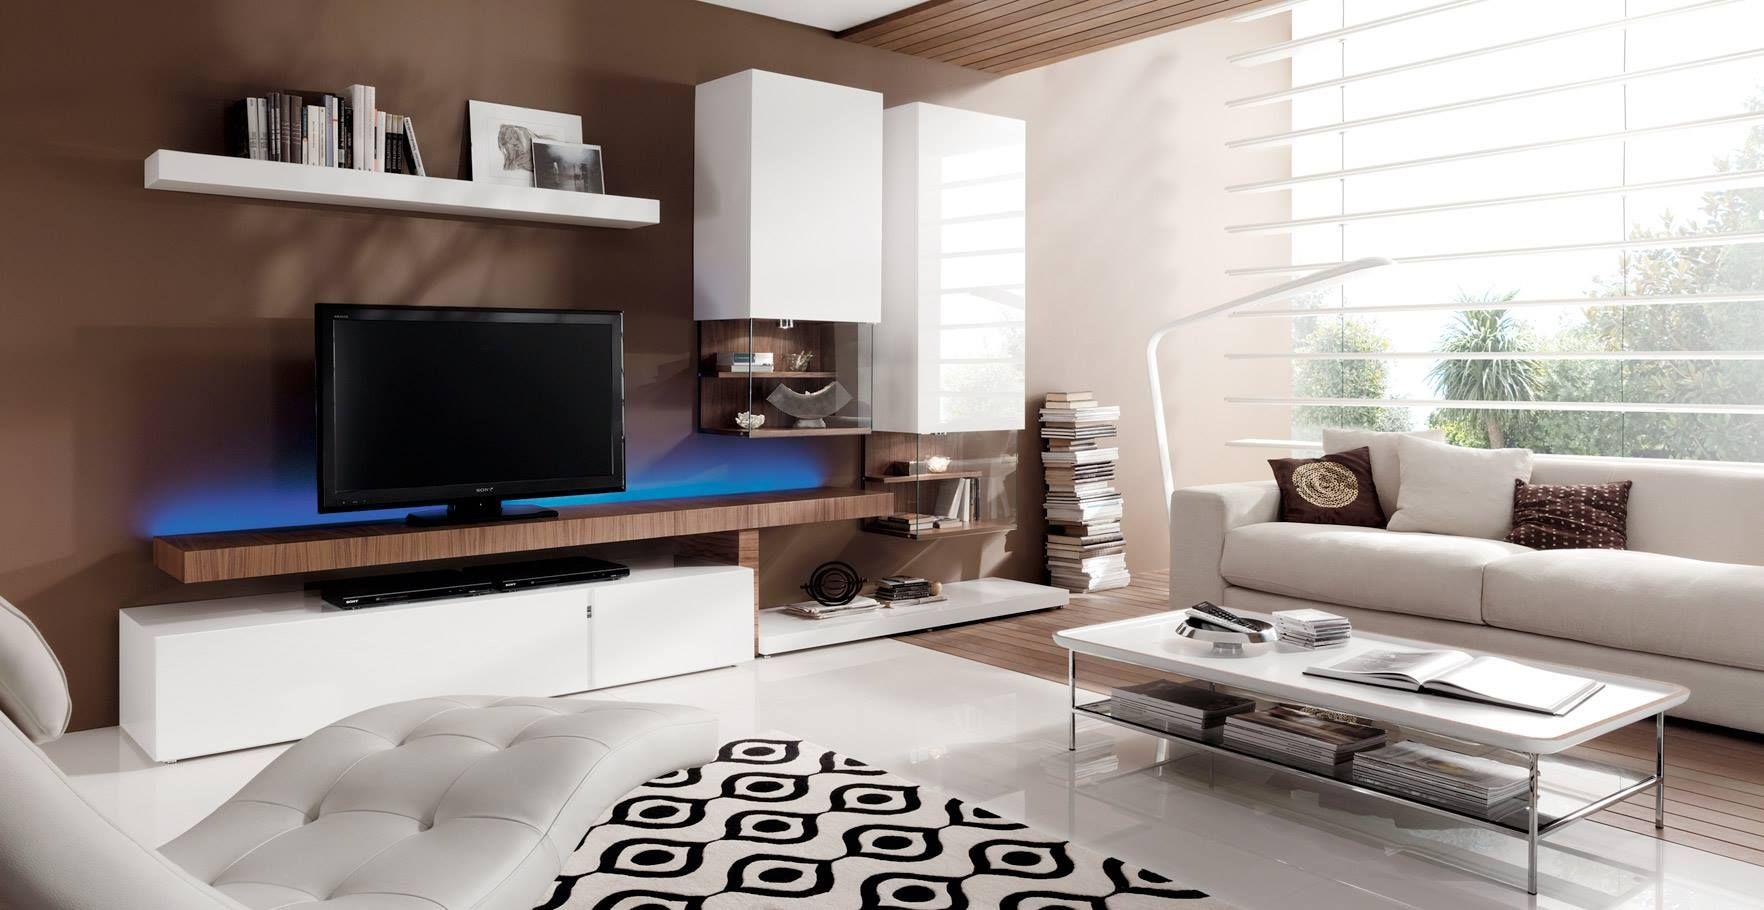 Muebles a medida Zaragoza